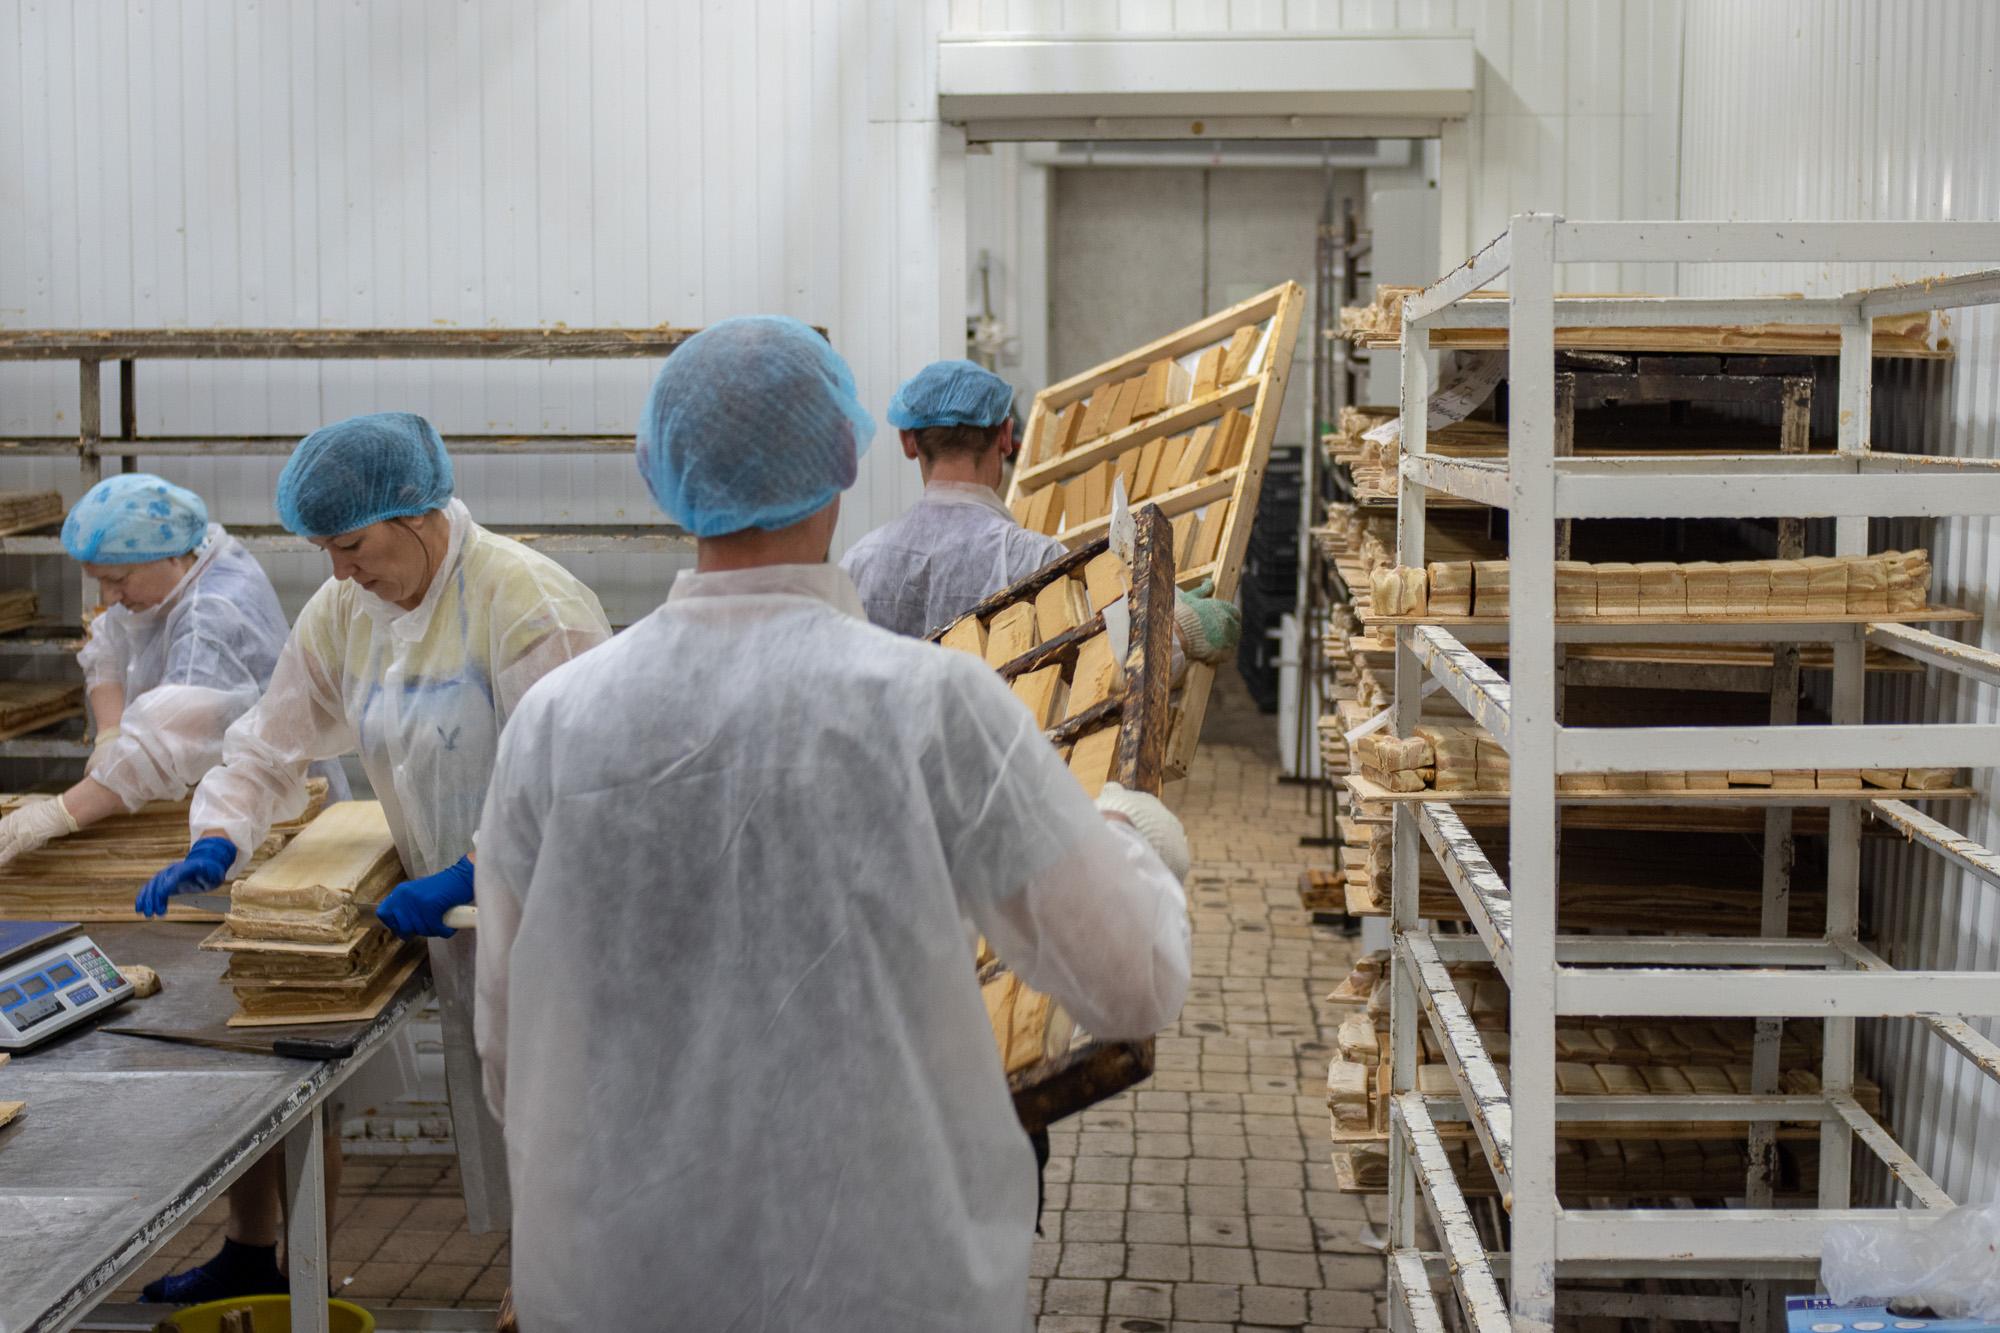 Как делают легендарную Белёвскую пастилу. Экскурсия на завод в Белёве © Техномод